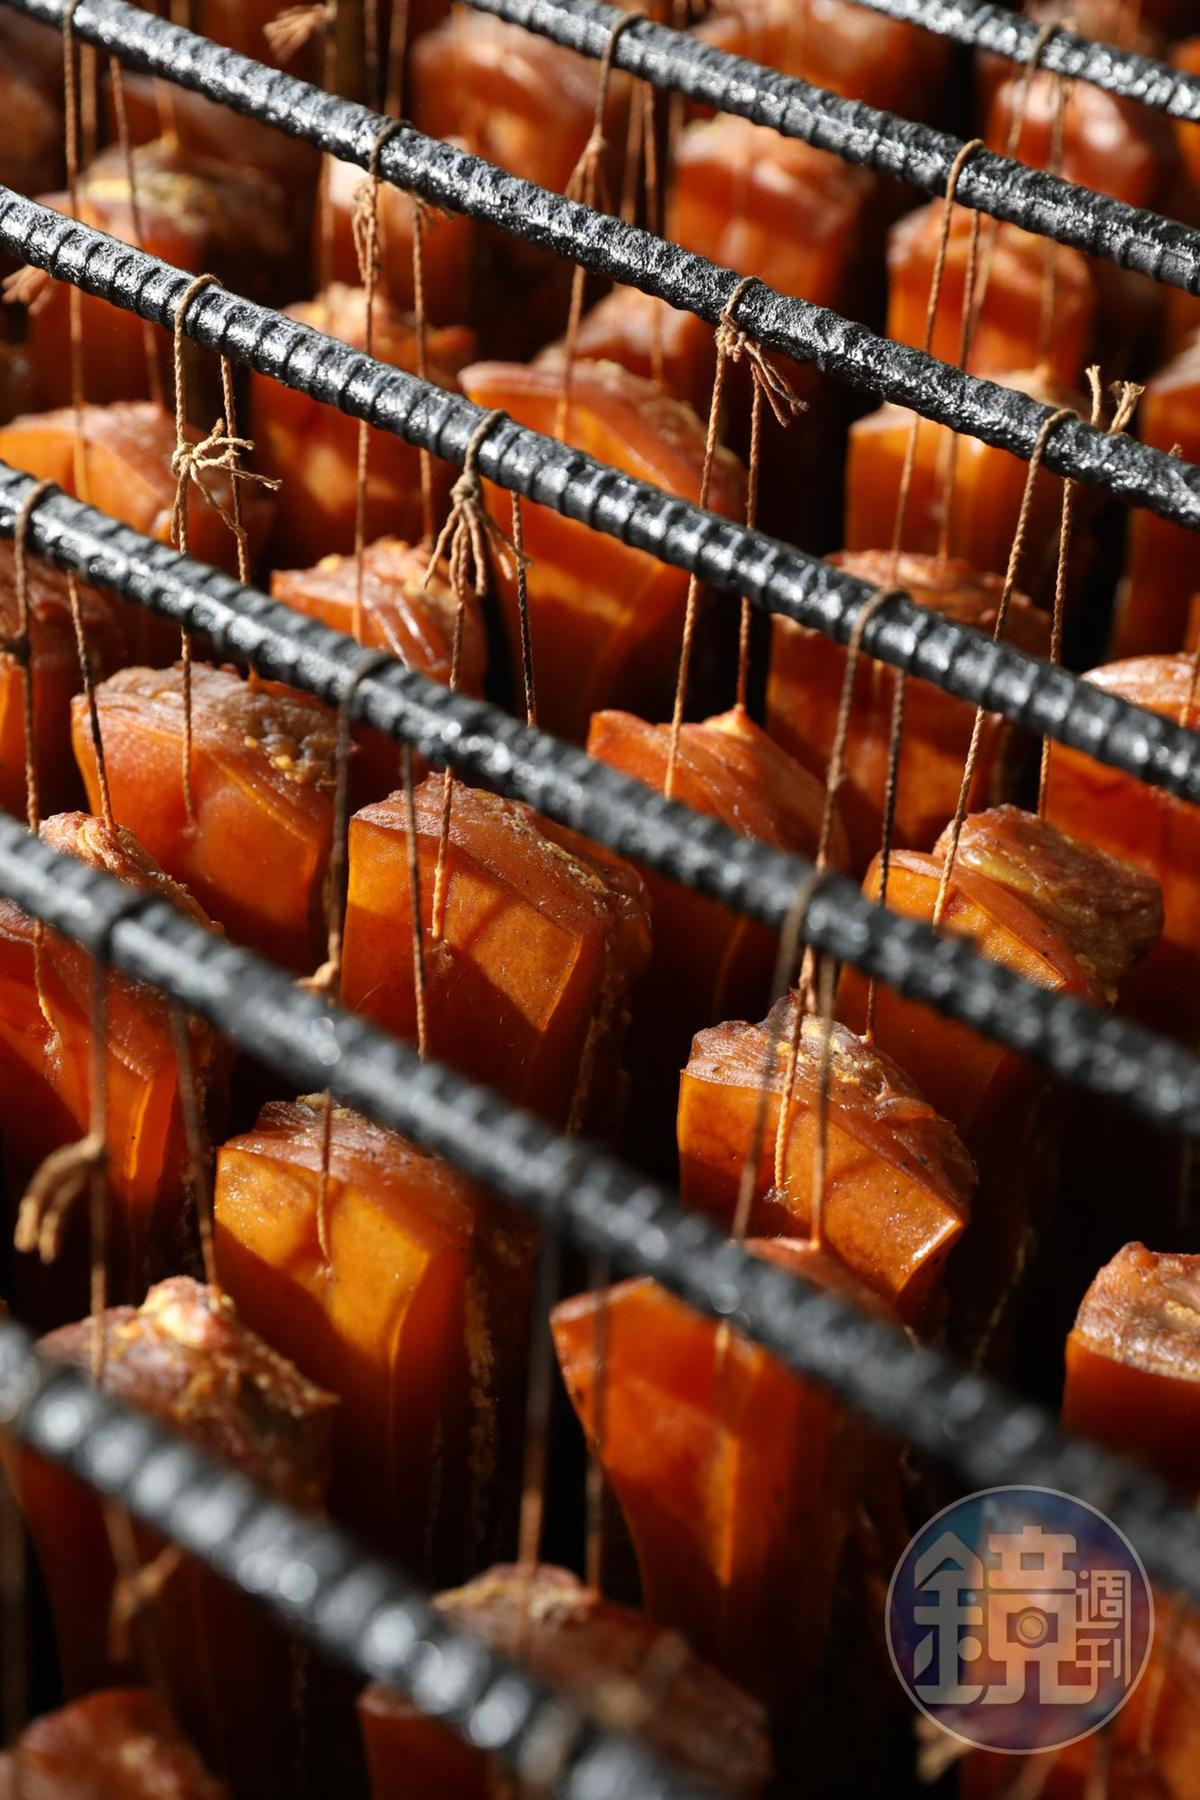 黃澄澄的臘肉經過醃漬日曬和煙燻,得幫它補水才能恢復軟嫩口感。